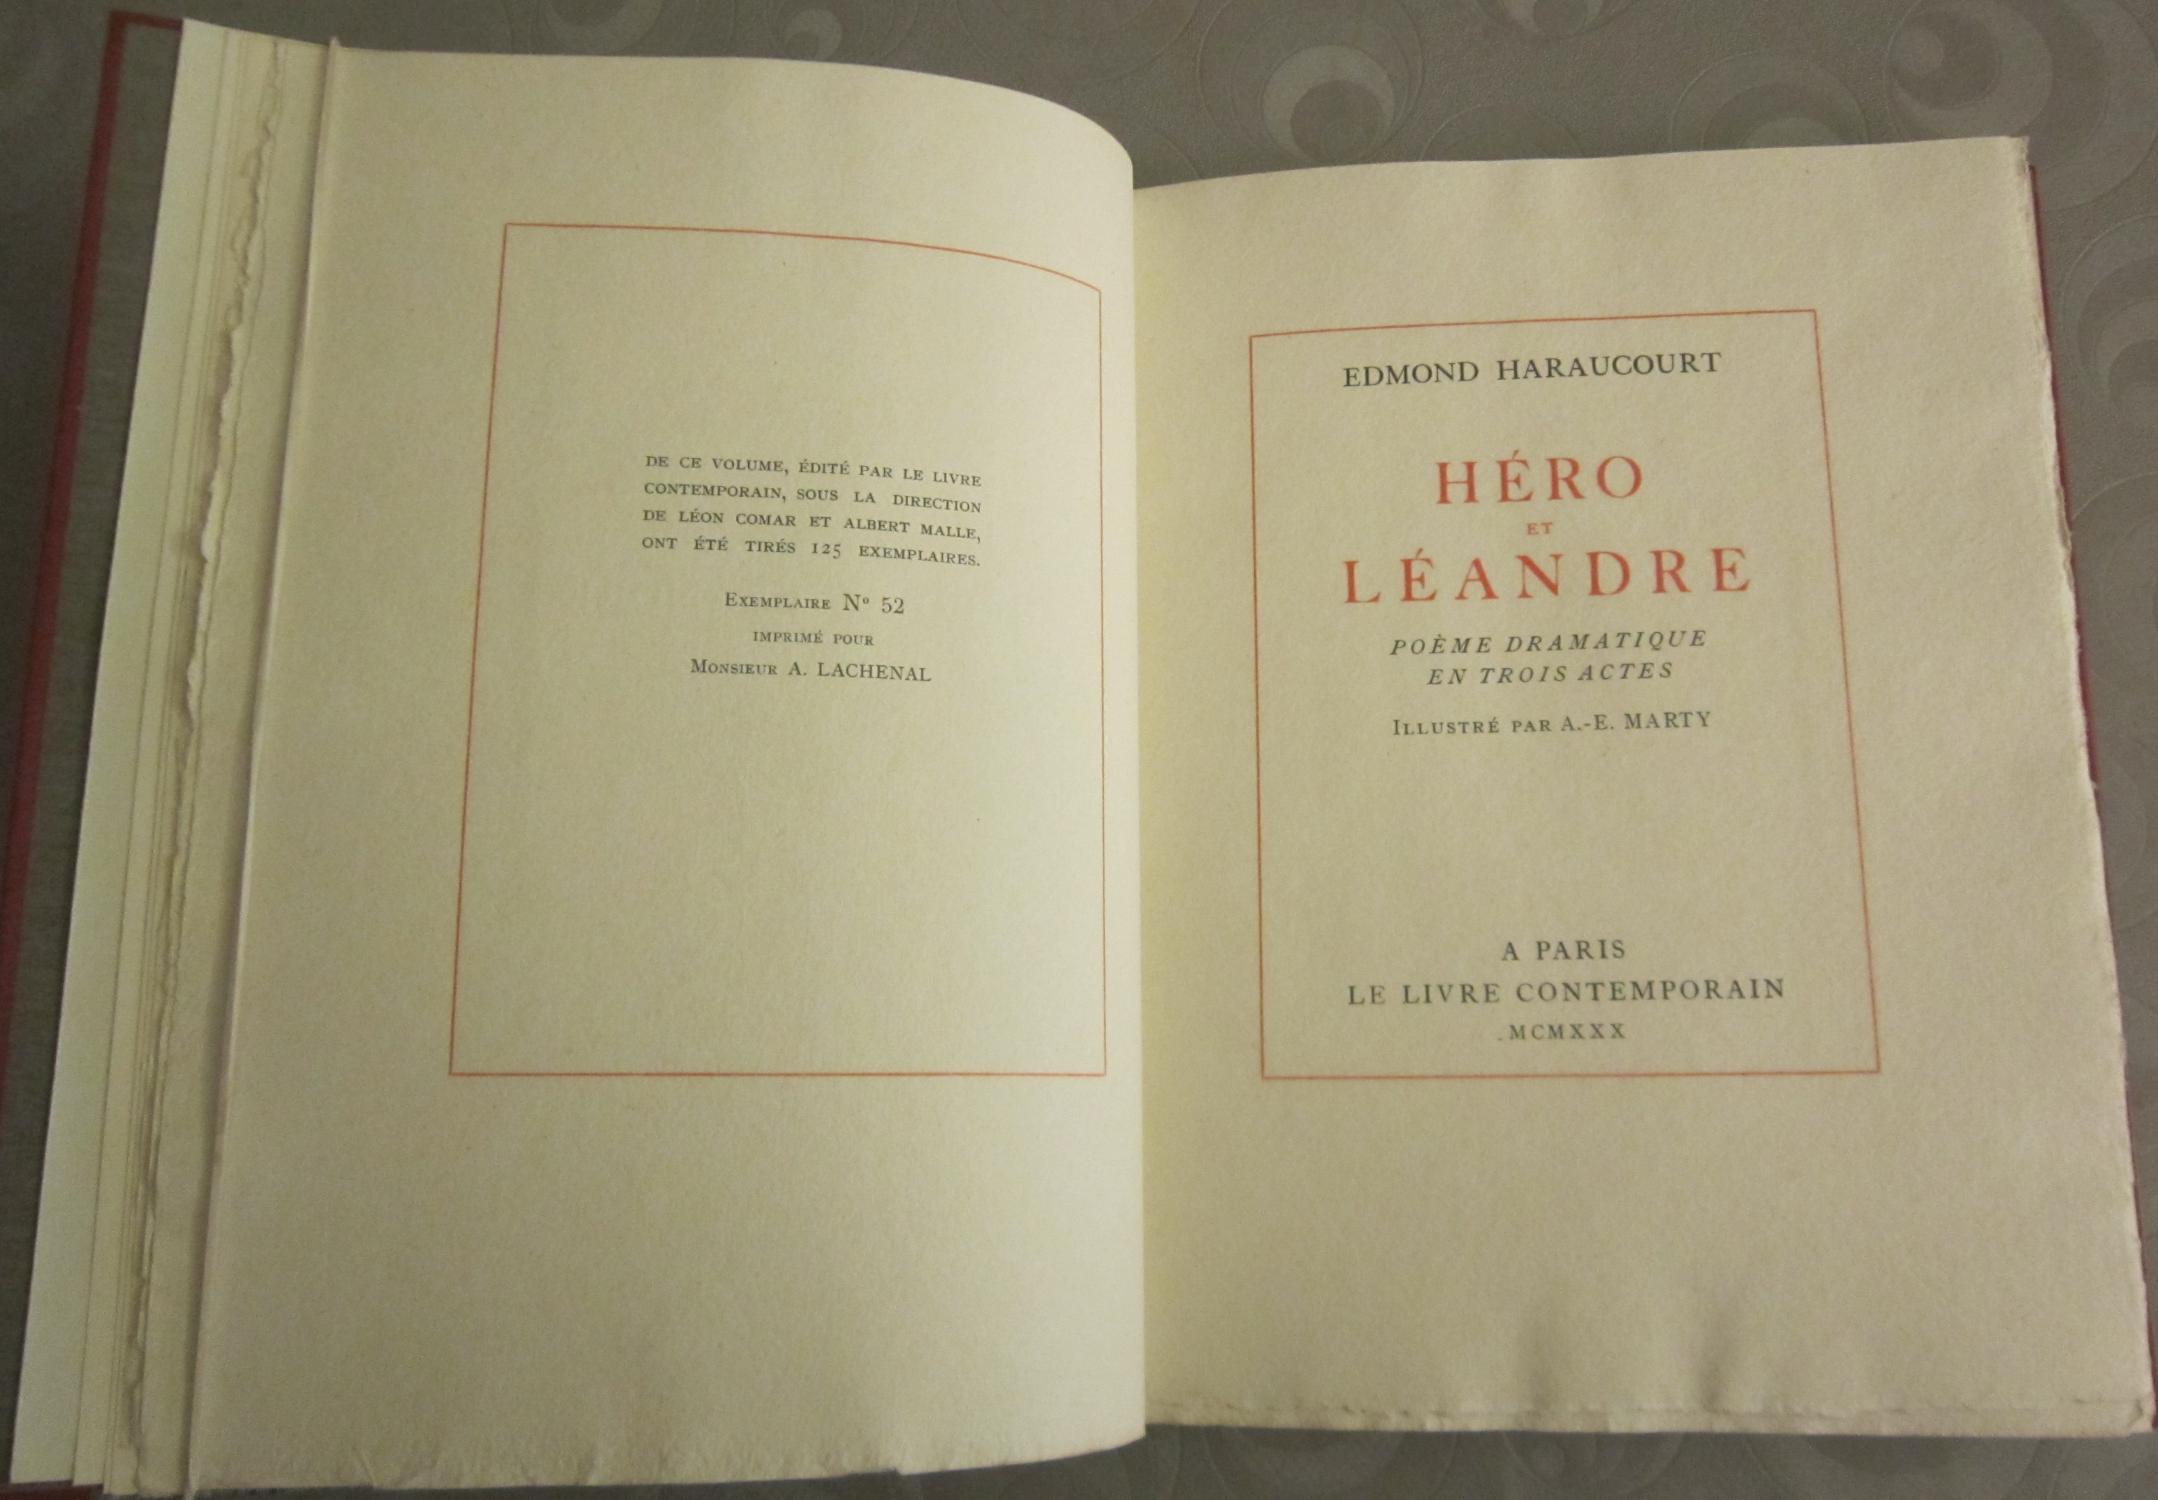 Héro Et Léandre Poème Dramatique En Trois